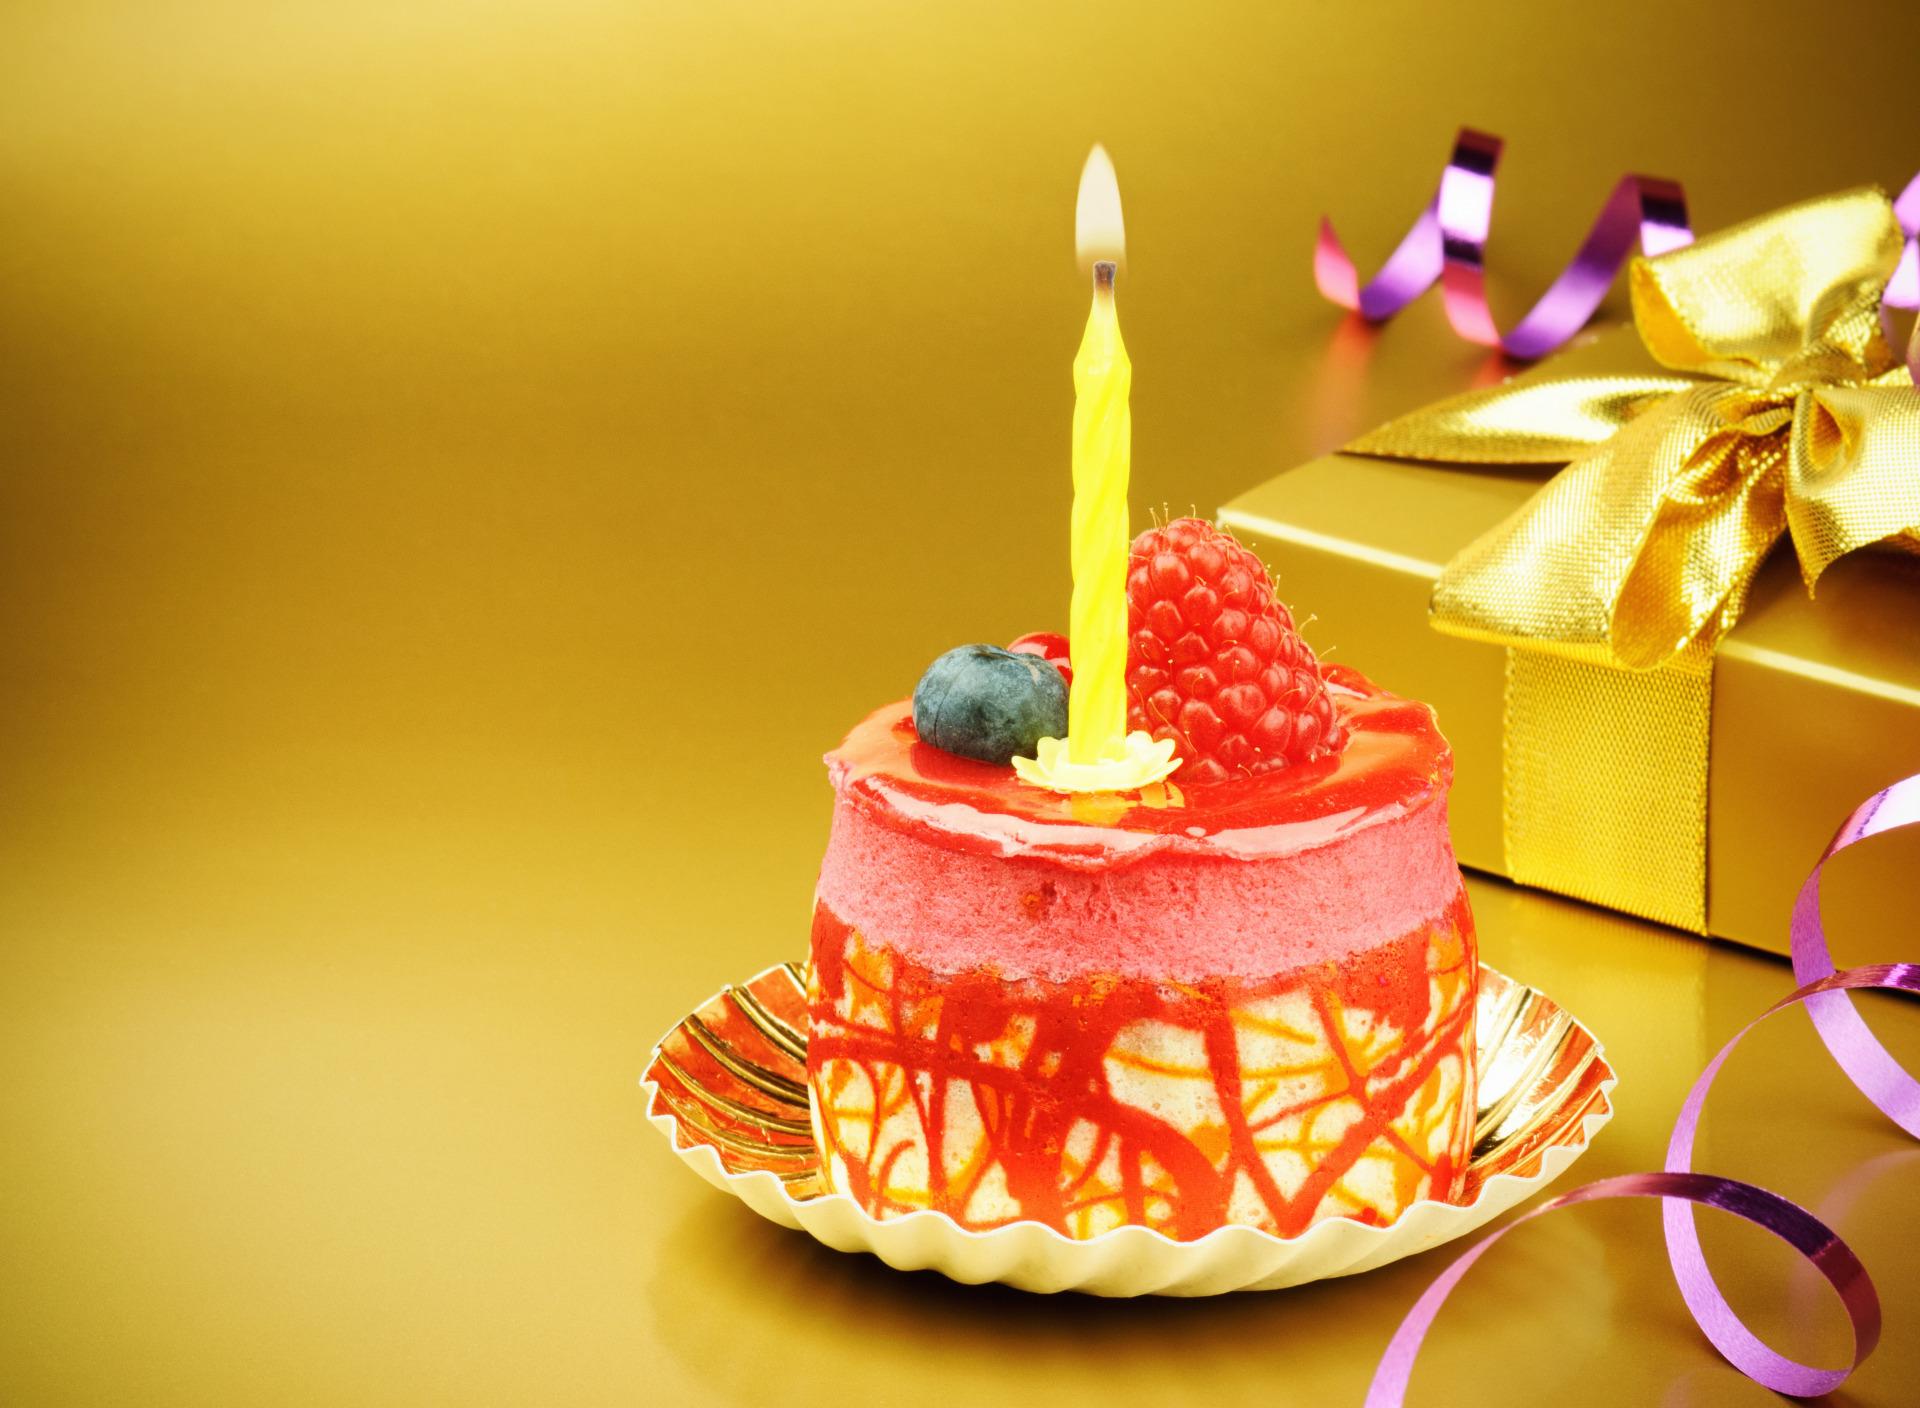 Кусок торта со свечей  № 2183955 бесплатно